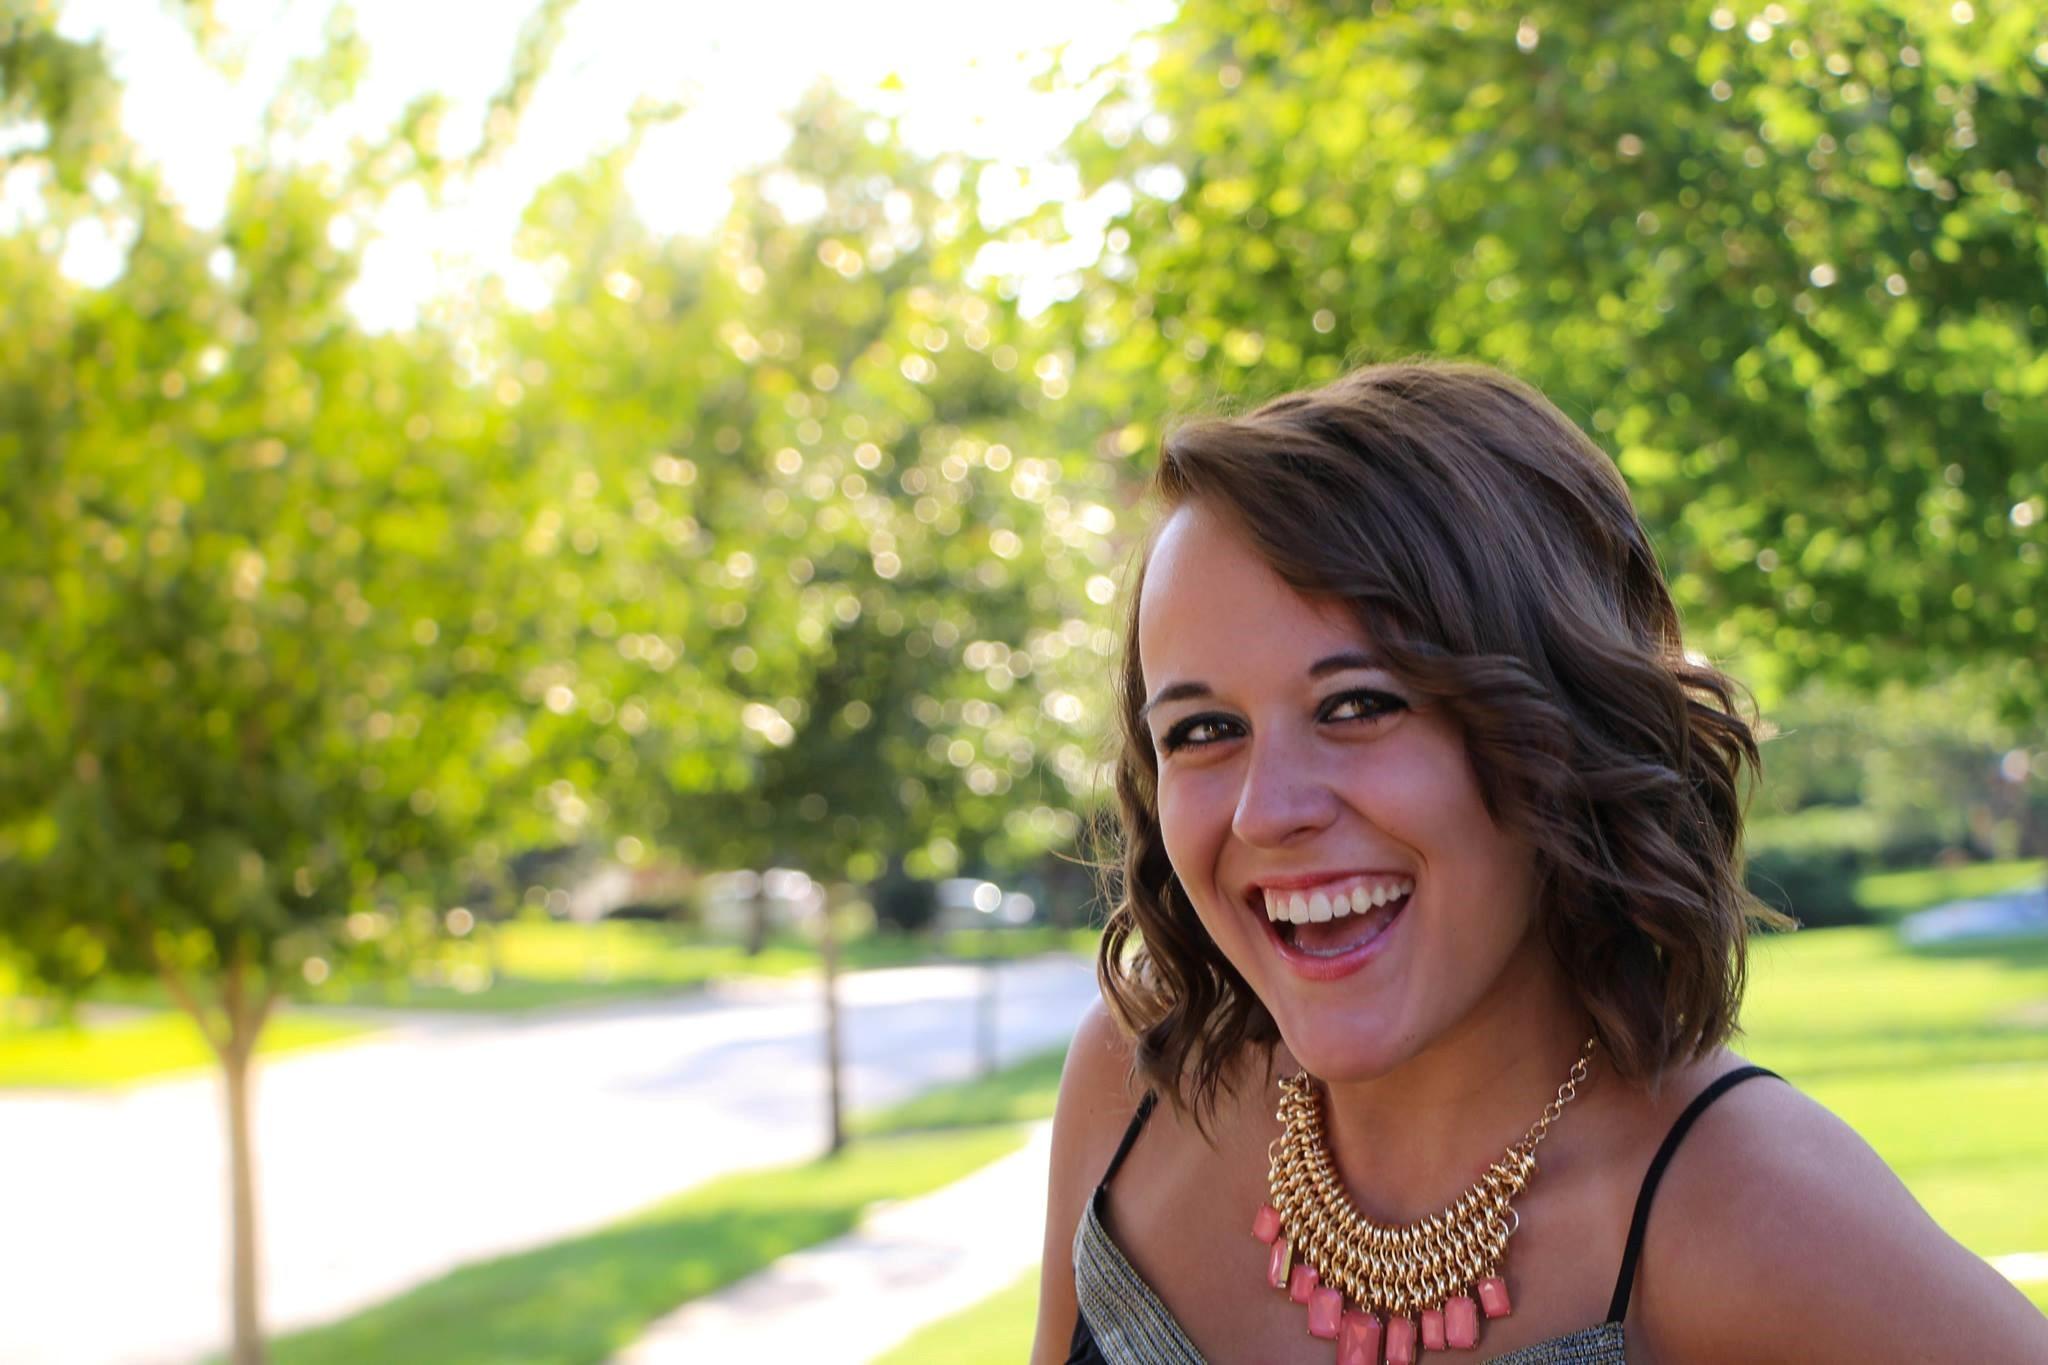 Calla Kessler: links to news story